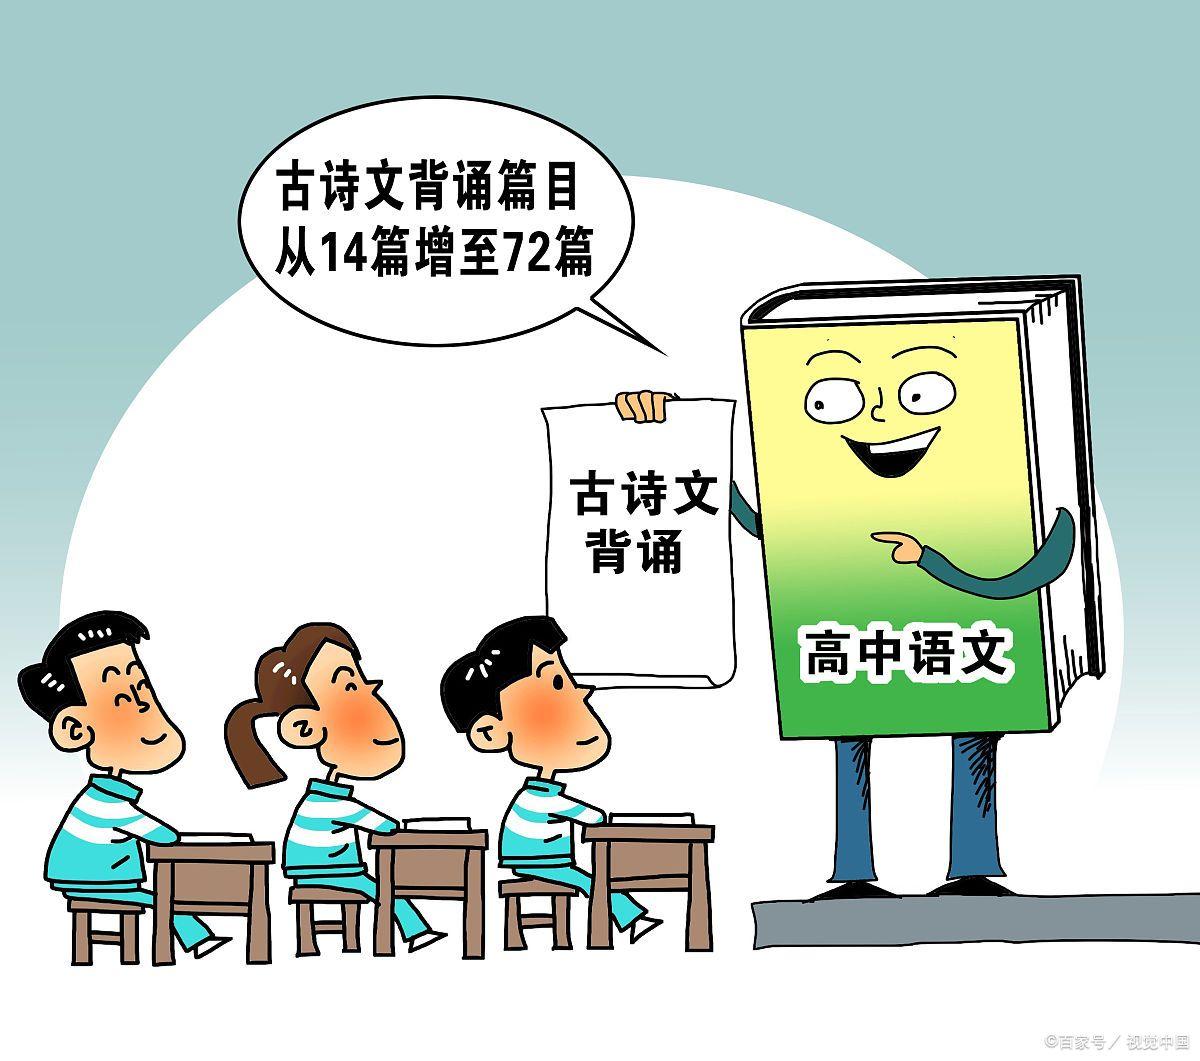 淺談中小學生學習古詩文的方法